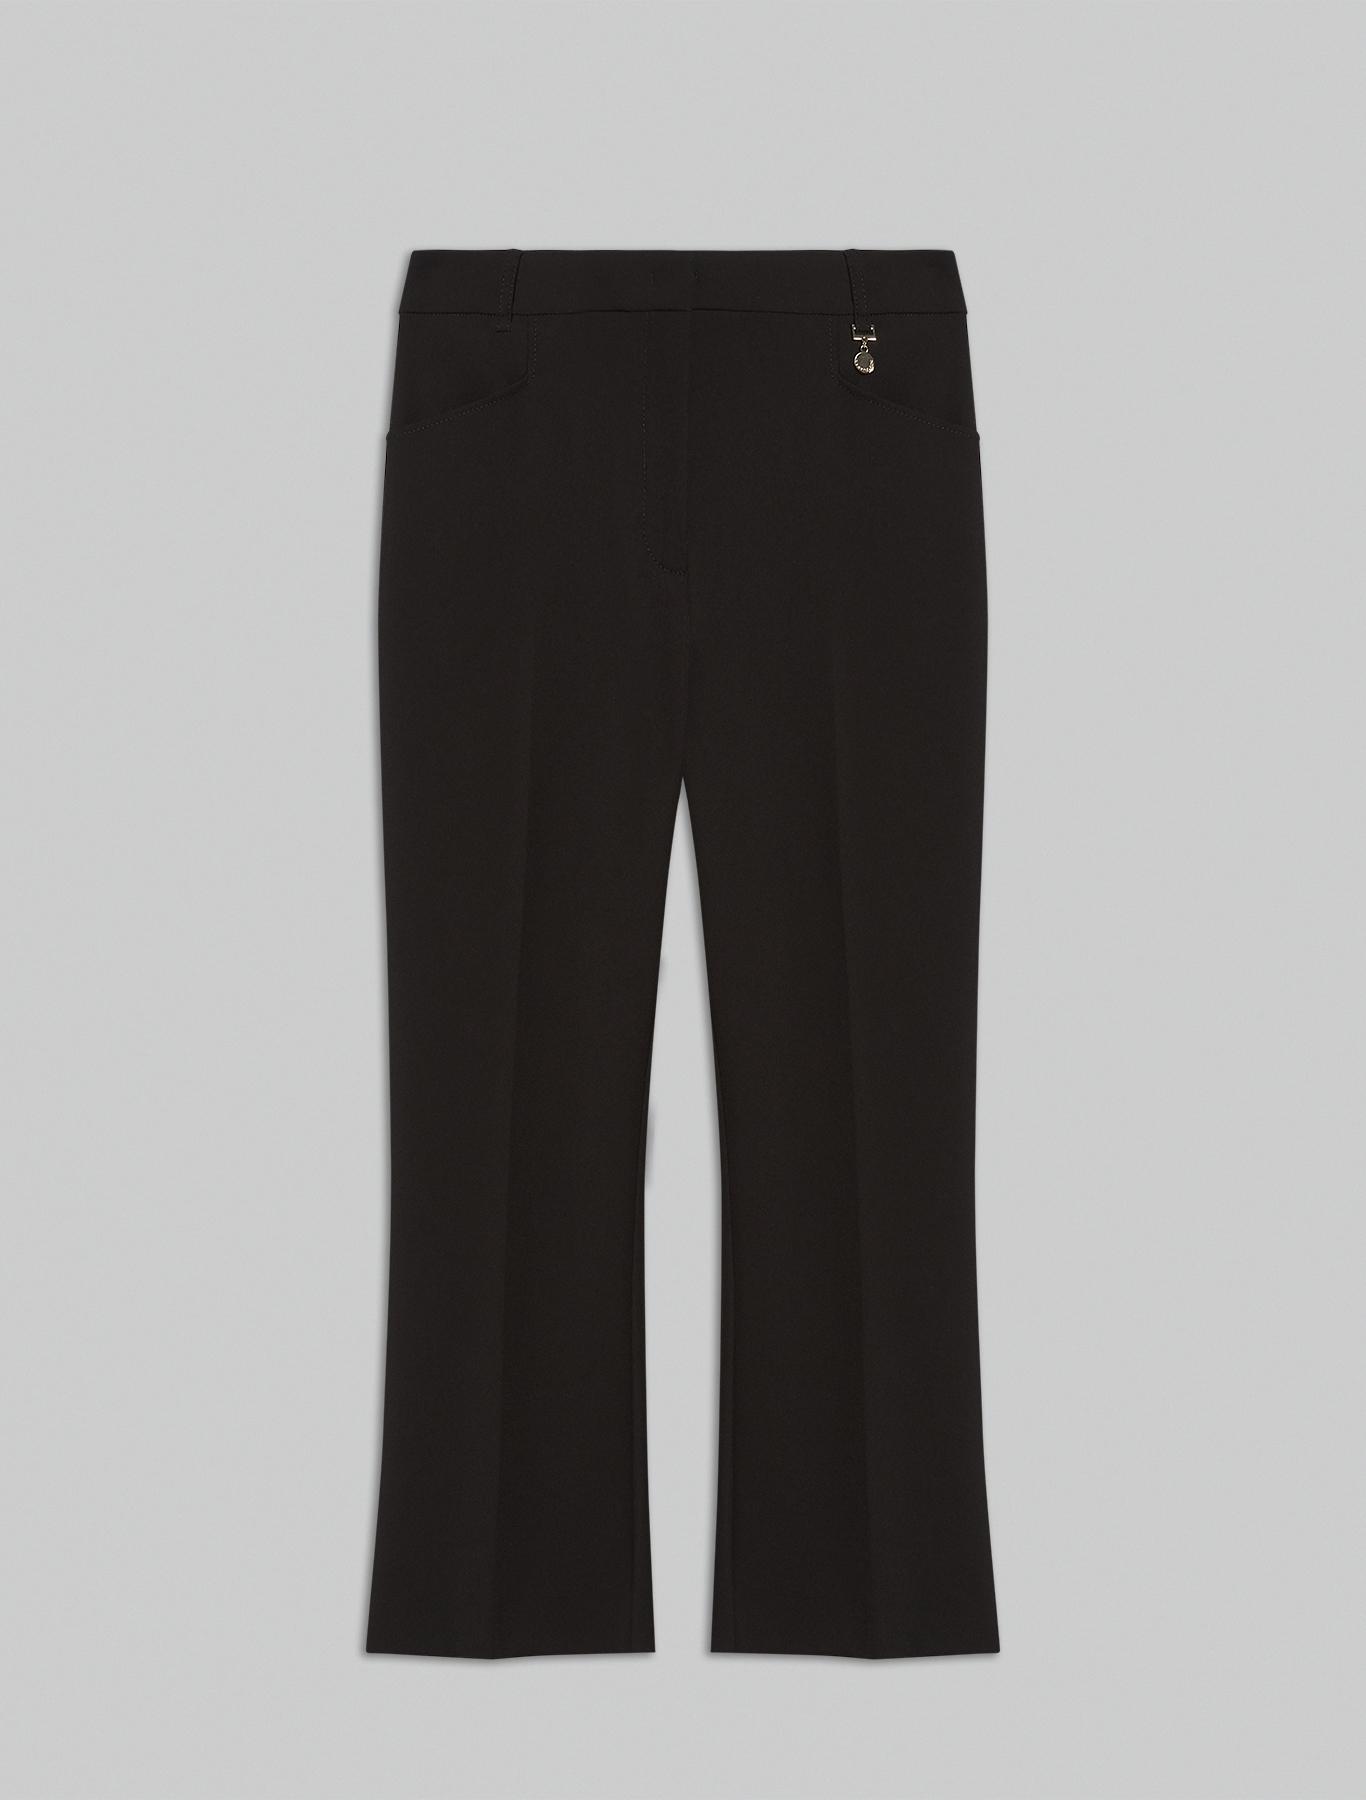 Kick-flare trousers - black - pennyblack